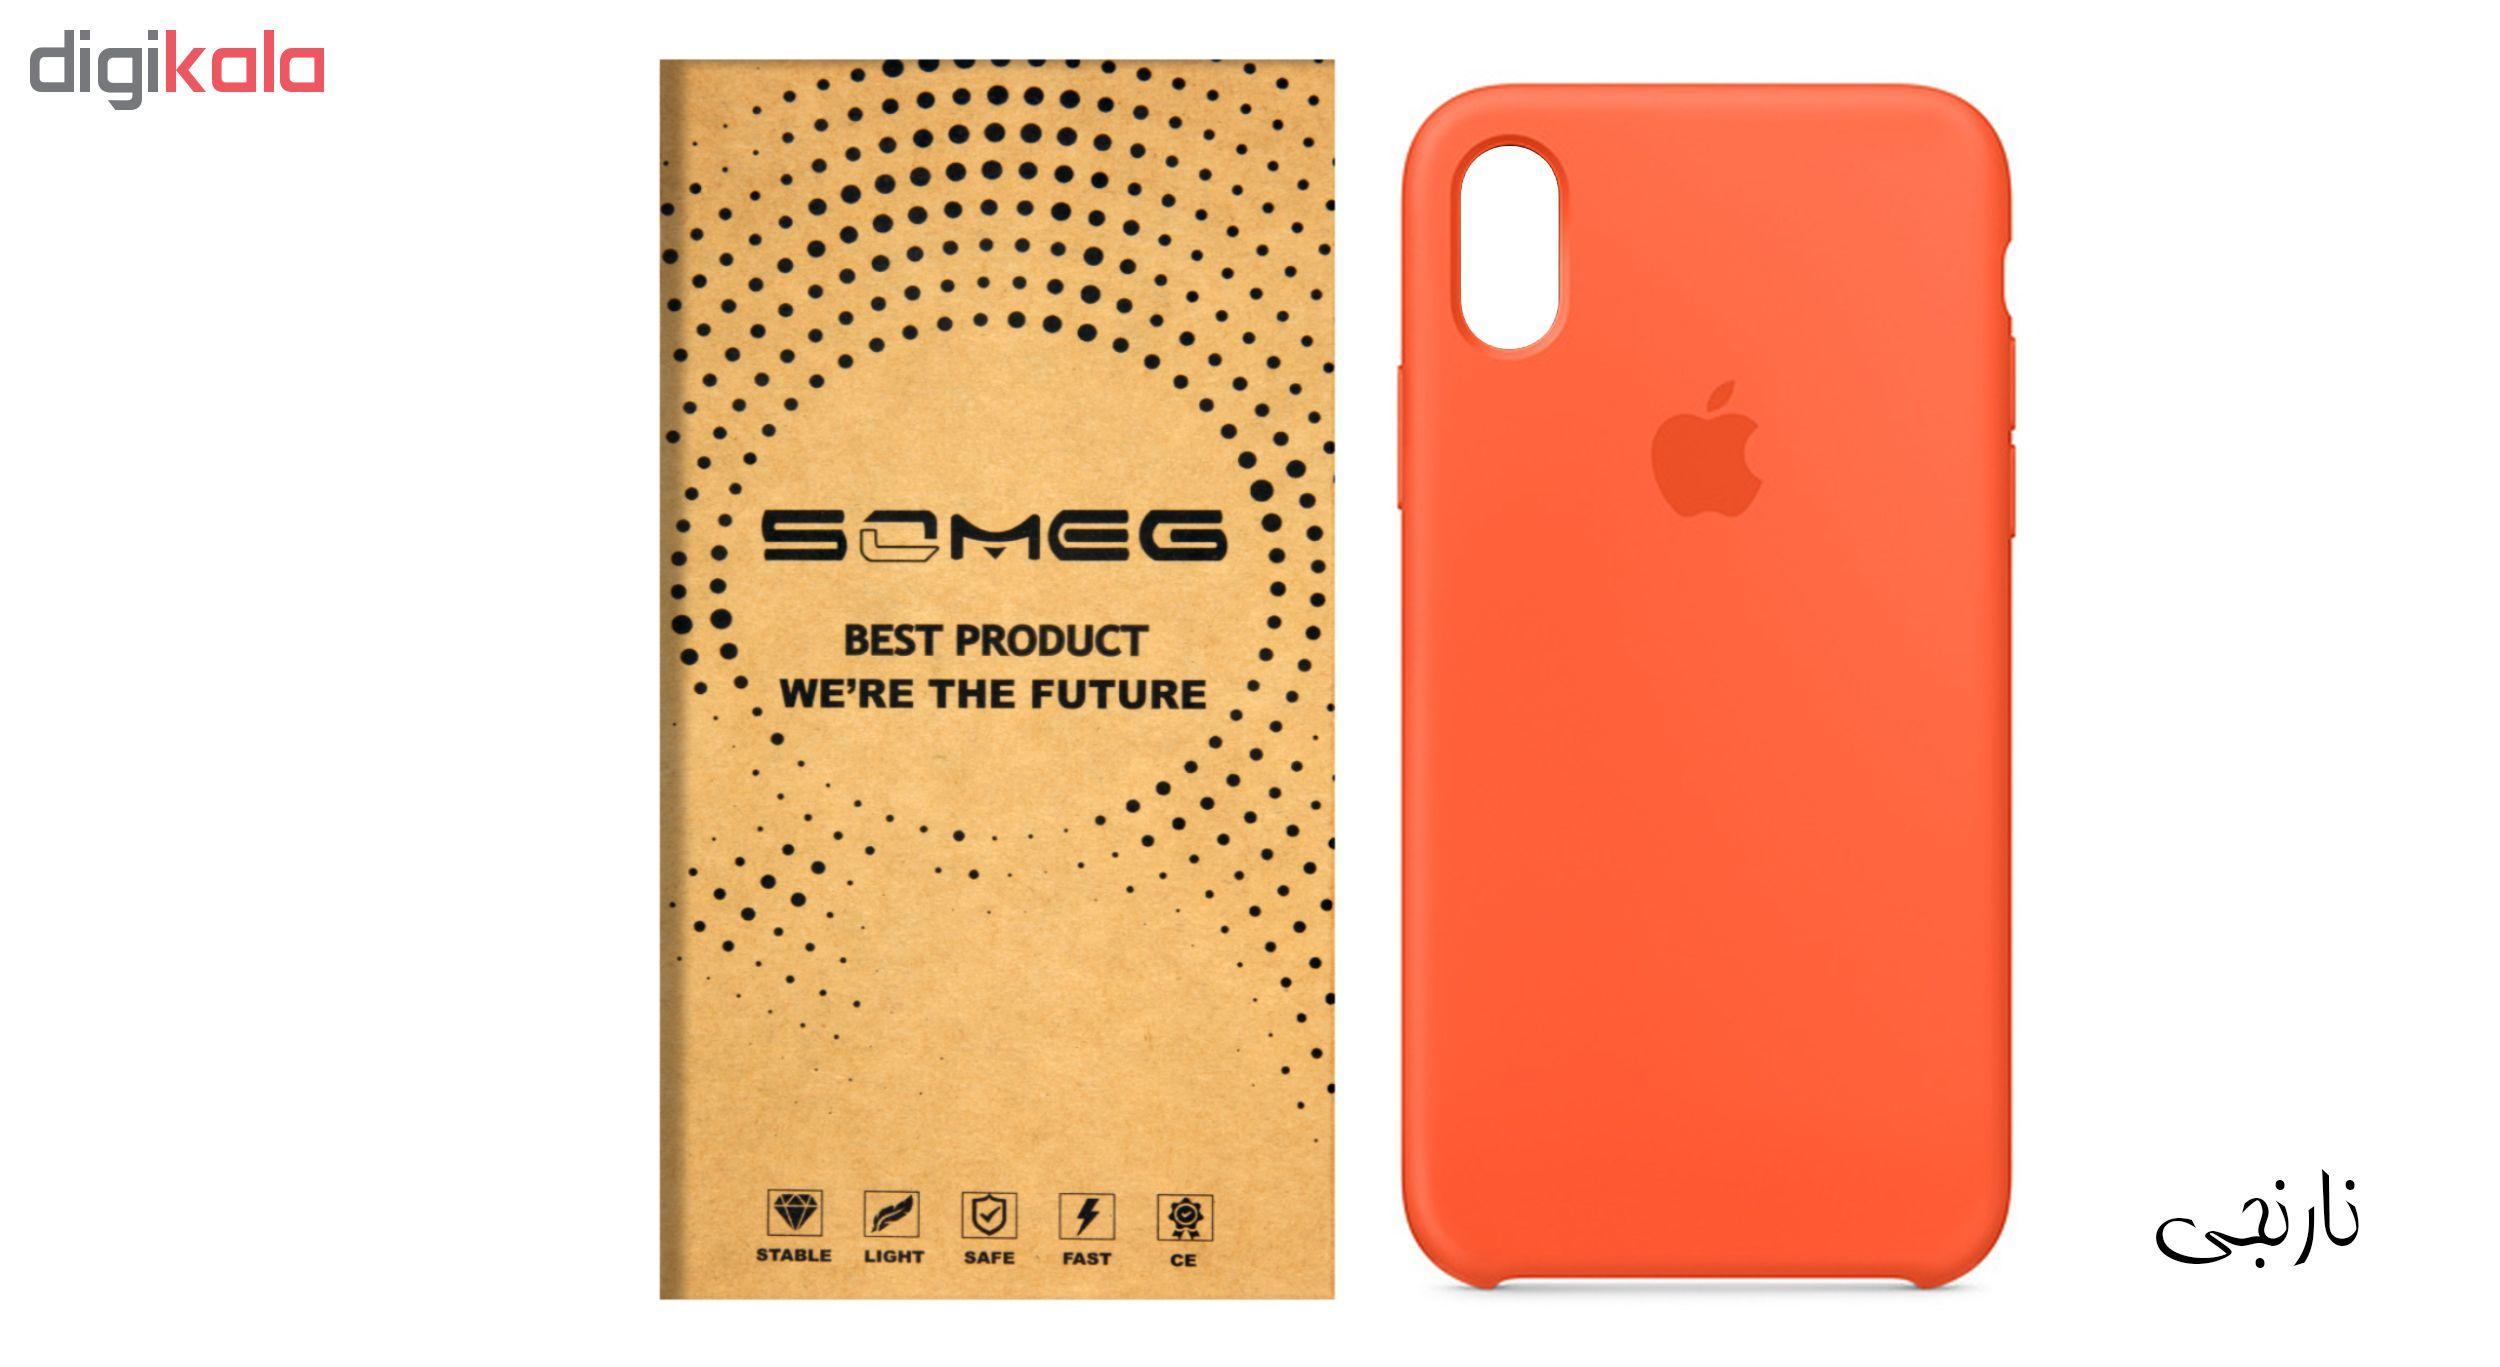 کاور سیلیکونی سومگ مدل 006 مناسب برای گوشی موبایل آیفون 10 main 1 4